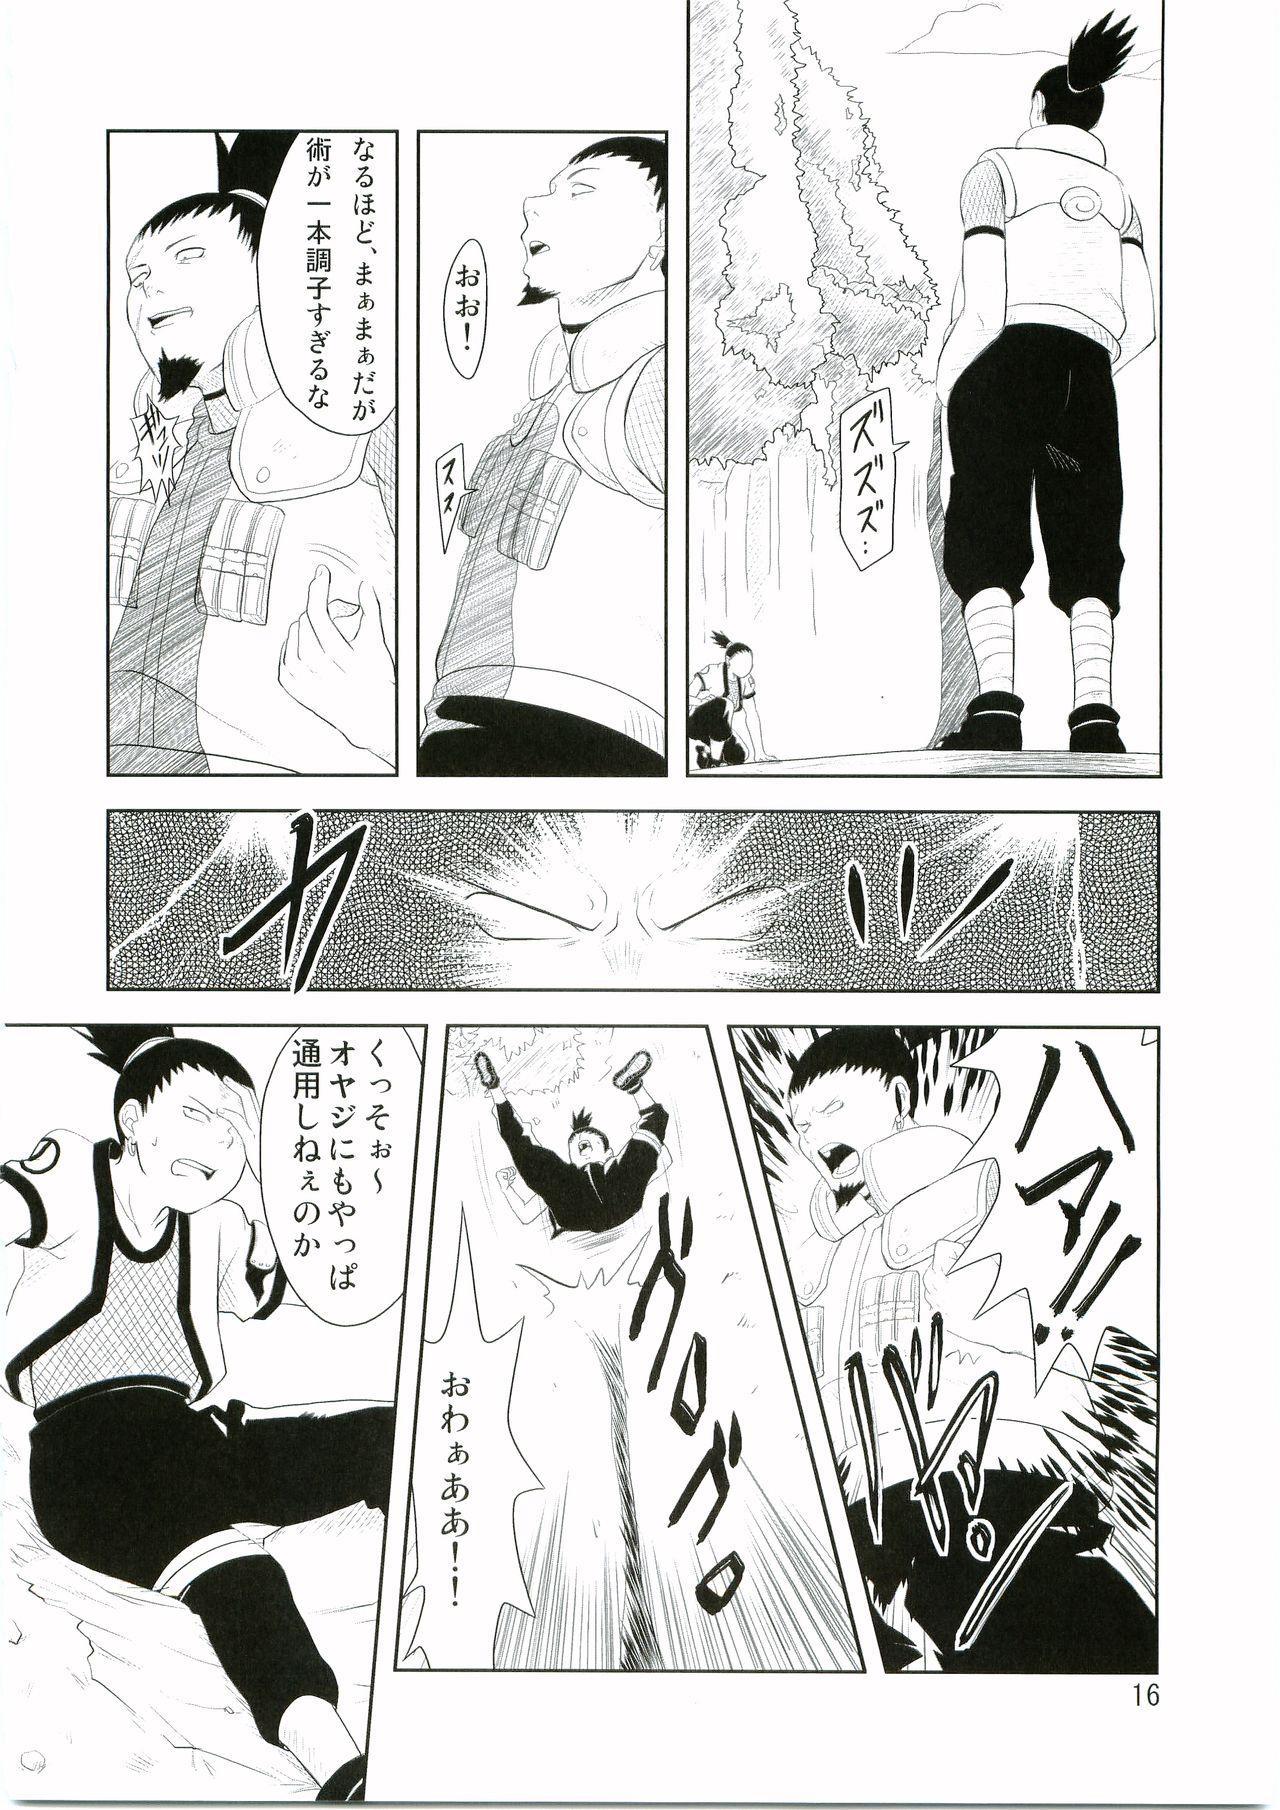 Shinobi no Kokoroe 16